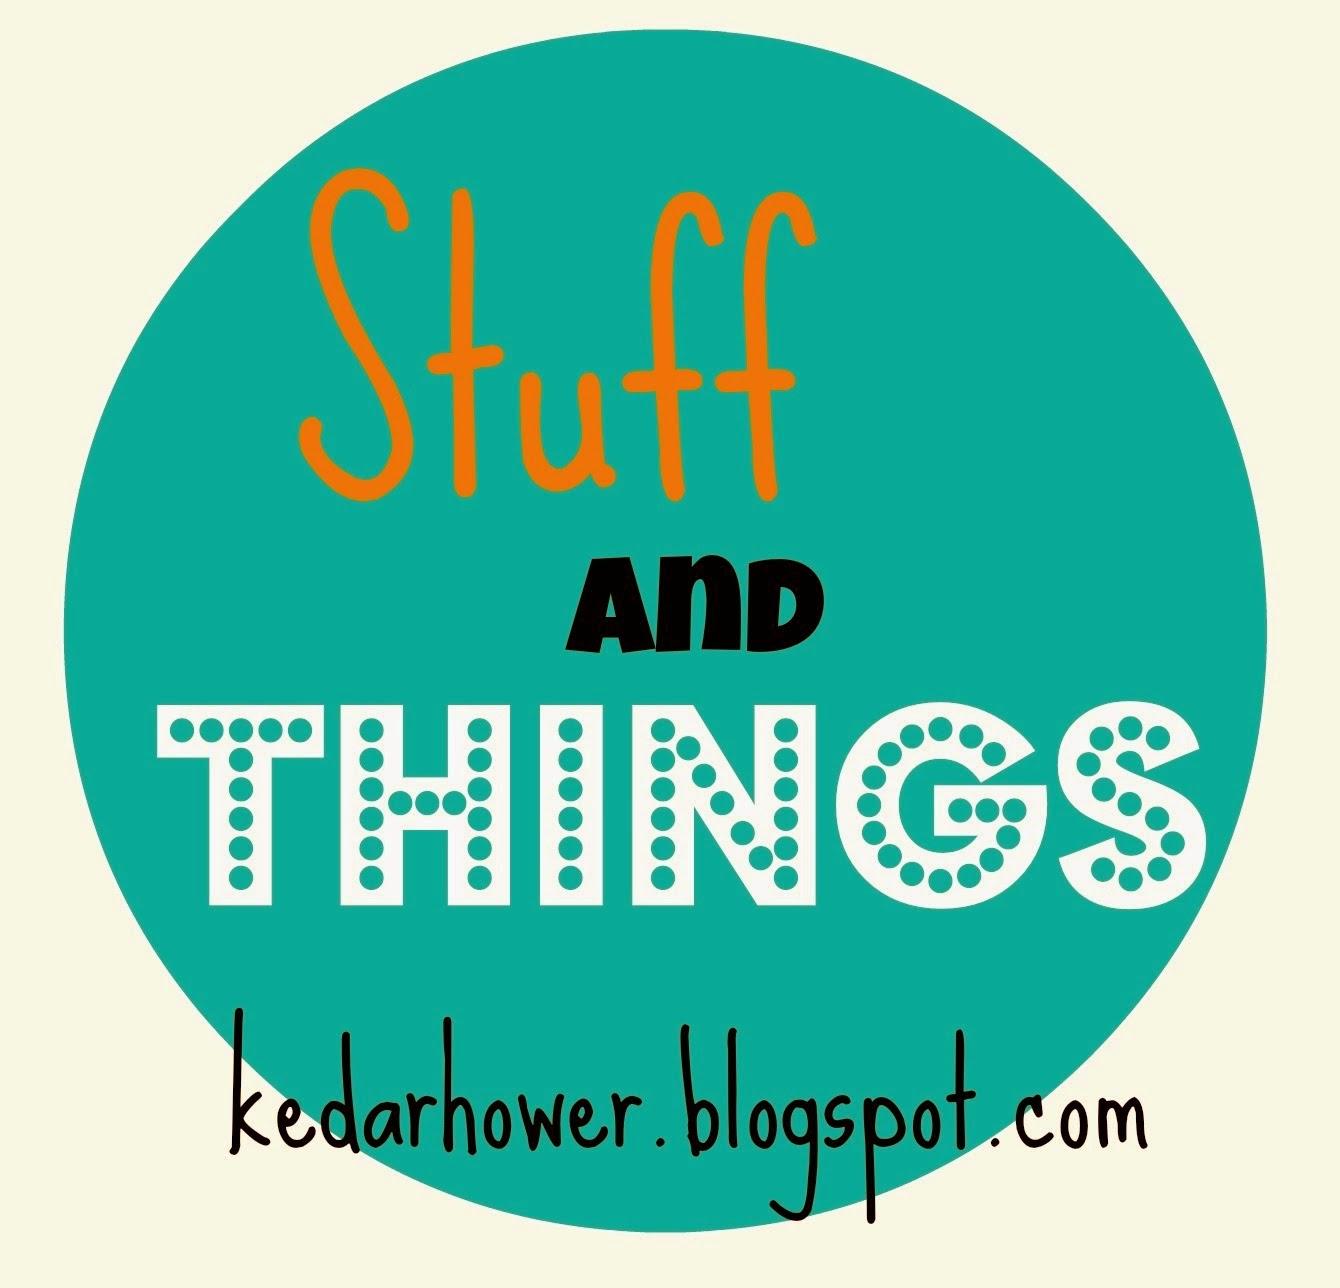 http://kedarhower.blogspot.com/